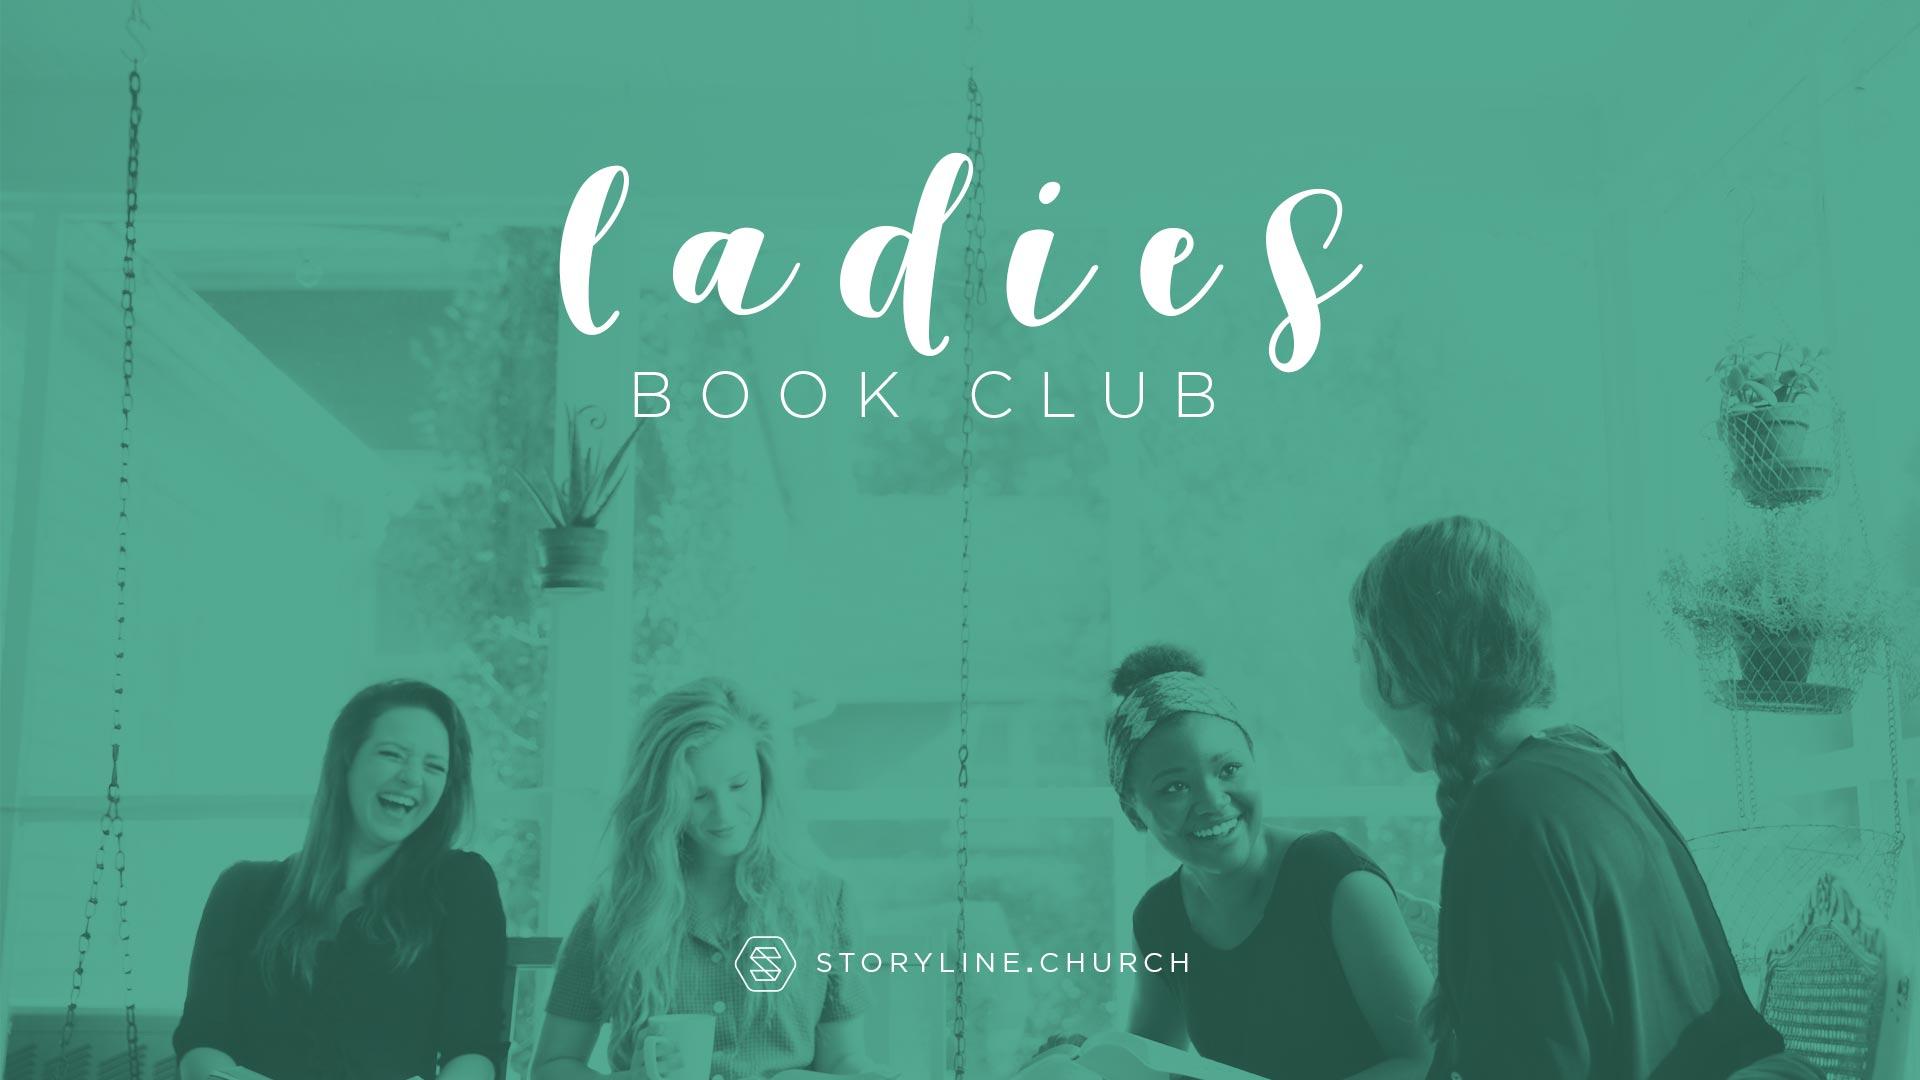 ladies-book-club-1920.jpg